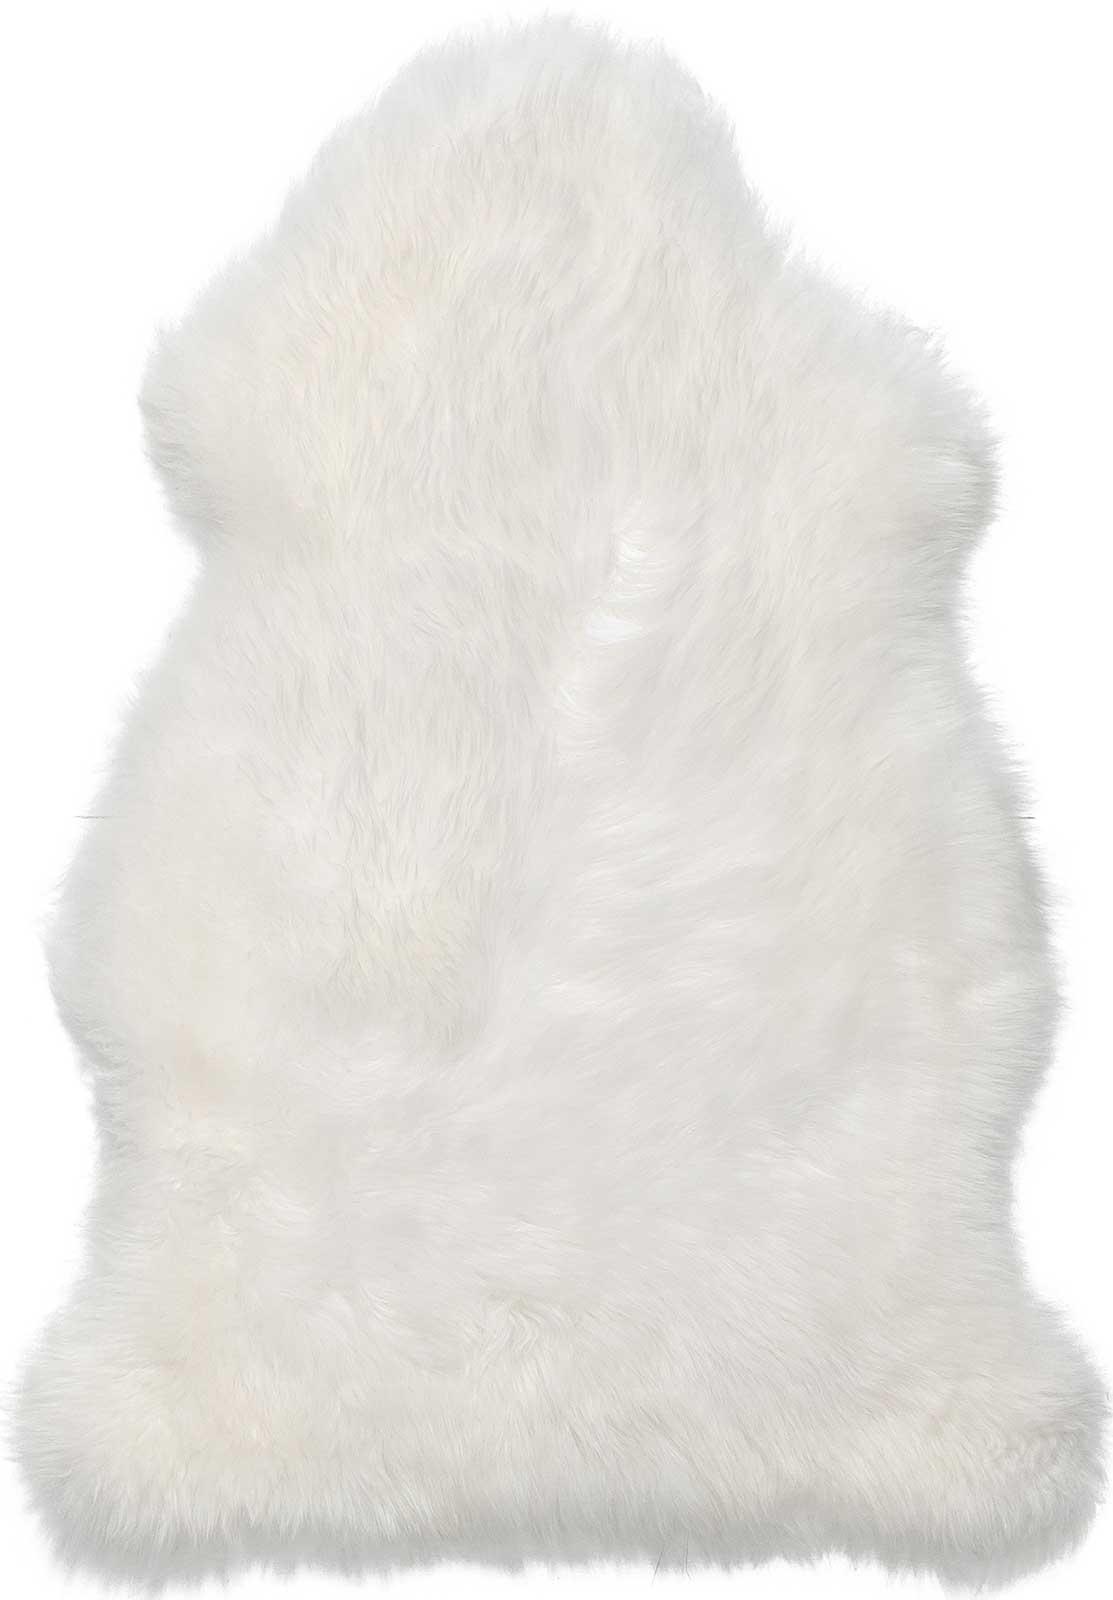 Véritable peau de mouton de nouvelle Zélande. Douce et naturelle. Achetez en ligne nos peaux d